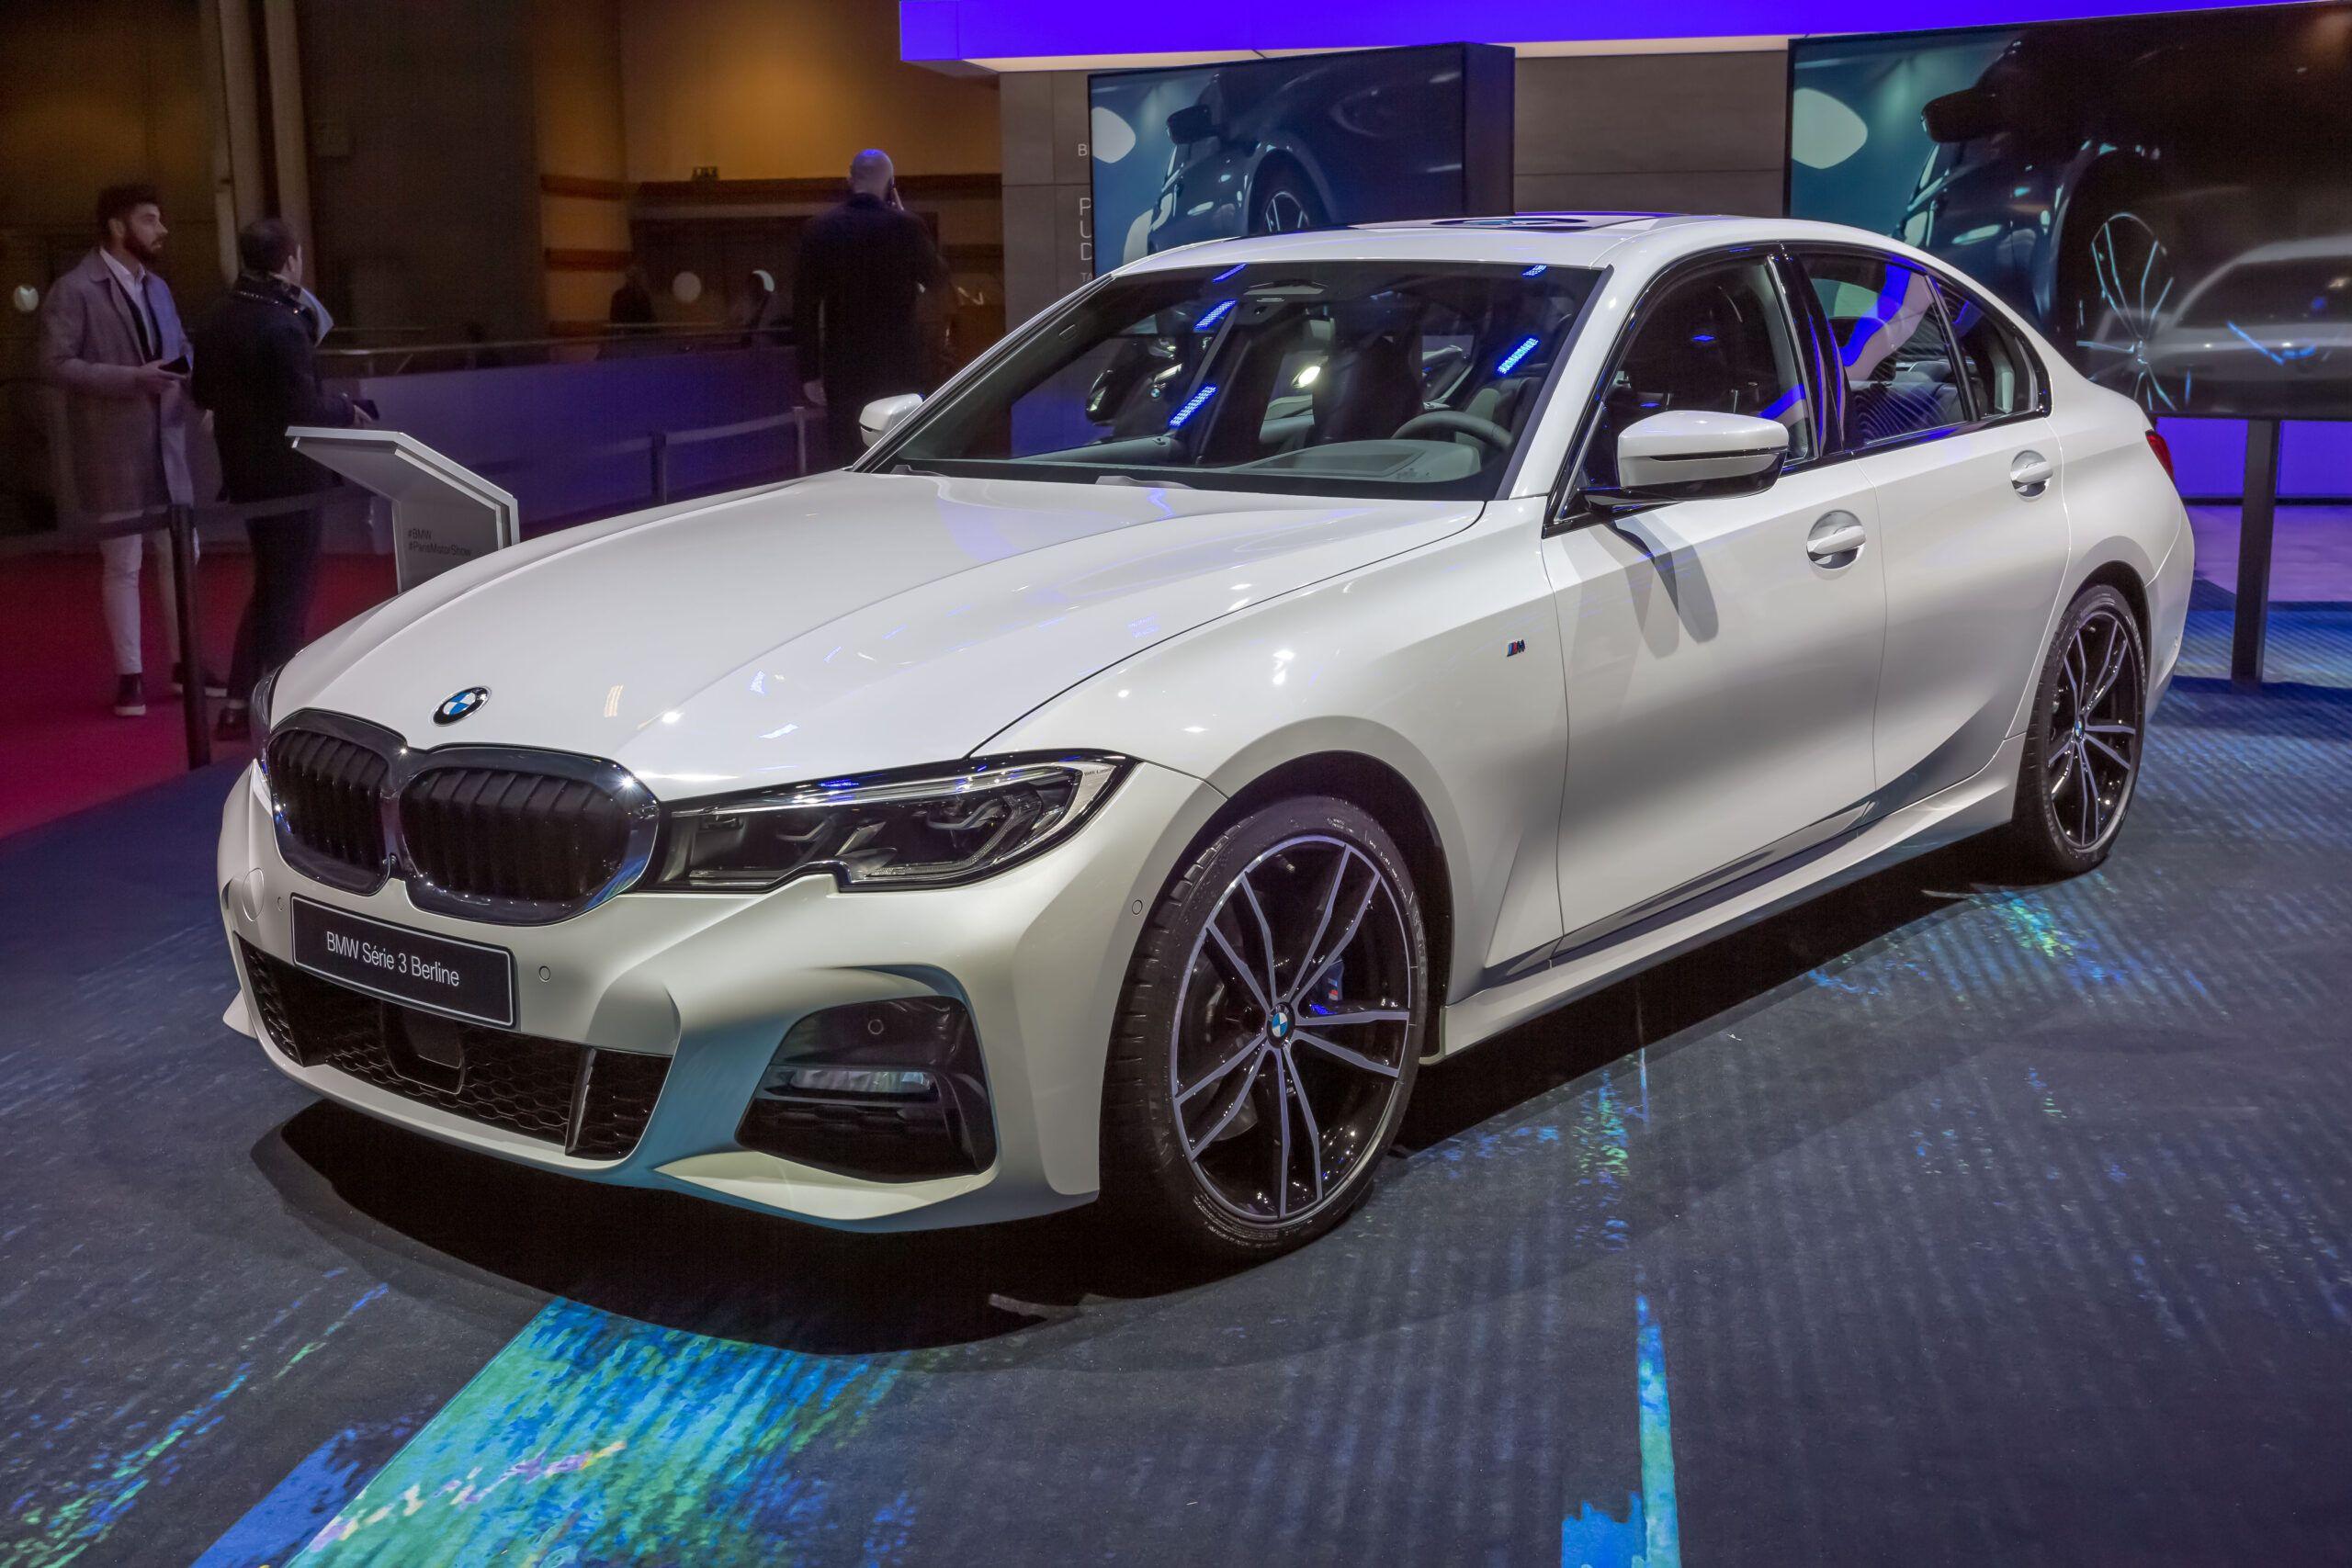 2020 Bmw Diesel Models Release Date Di 2020